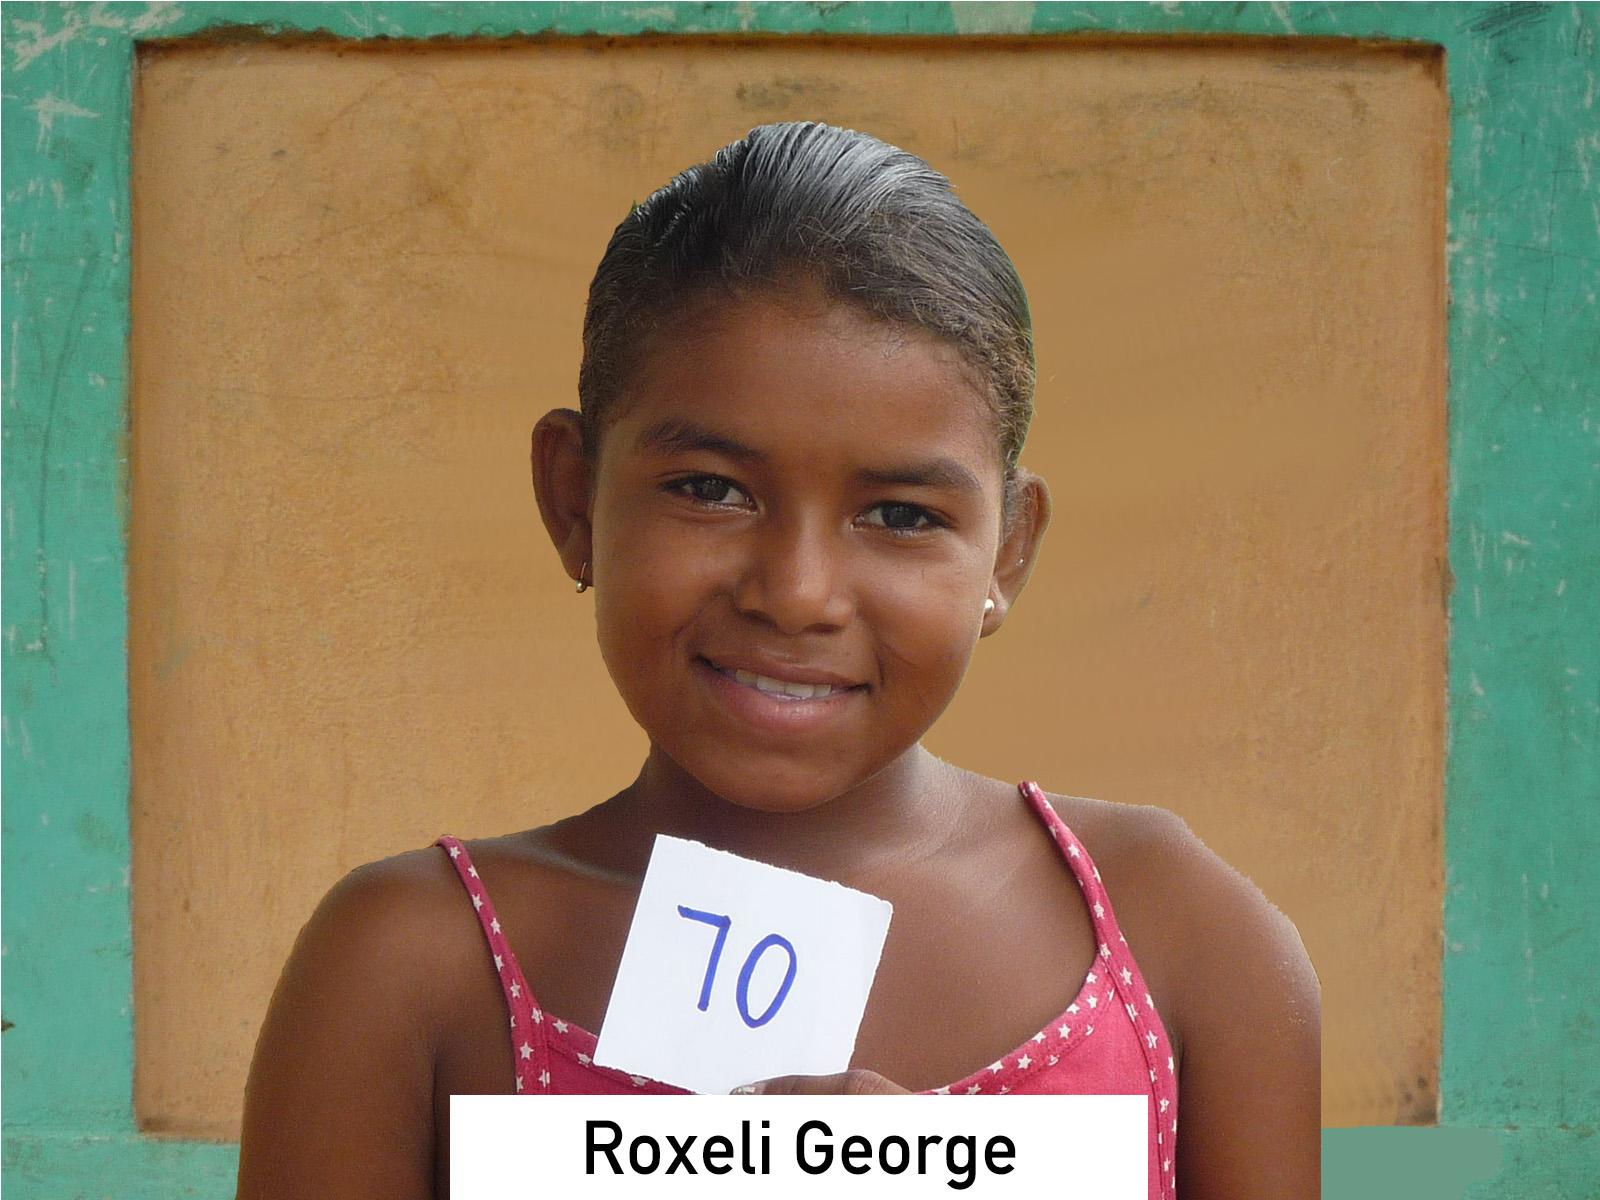 070 - Roxeli George.jpg